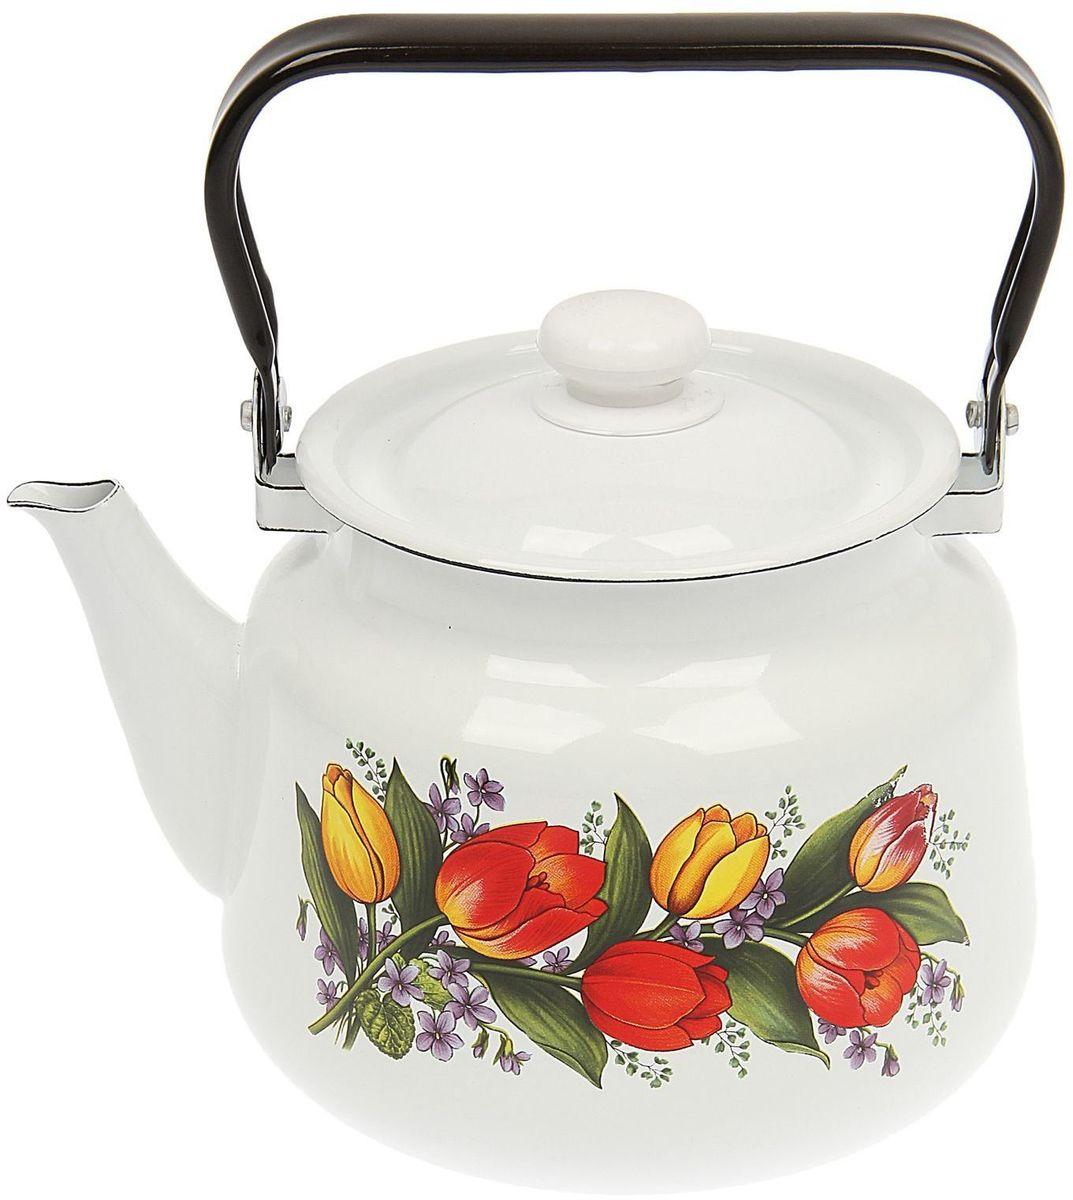 Чайник эмалированный Epos Весенний букет, 3,5 л. 144450454 009312Чайник Epos Весенний букет выполнен из высококачественной стали с эмалированным покрытием. Поверхность чайникагладкая, что облегчает уход за ним. Большой объемпозволит приготовить напиток для всей семьи илинебольшой компании. Эстетичный и функциональный чайник будеторигинально смотреться в любом интерьере. Душевная атмосфера и со вкусом накрытый стол всегда будут собирать в вашем доме близких и друзей.Чайник подходит для использования на всех типах плит,включая индукционные. Объем: 3,5 л.